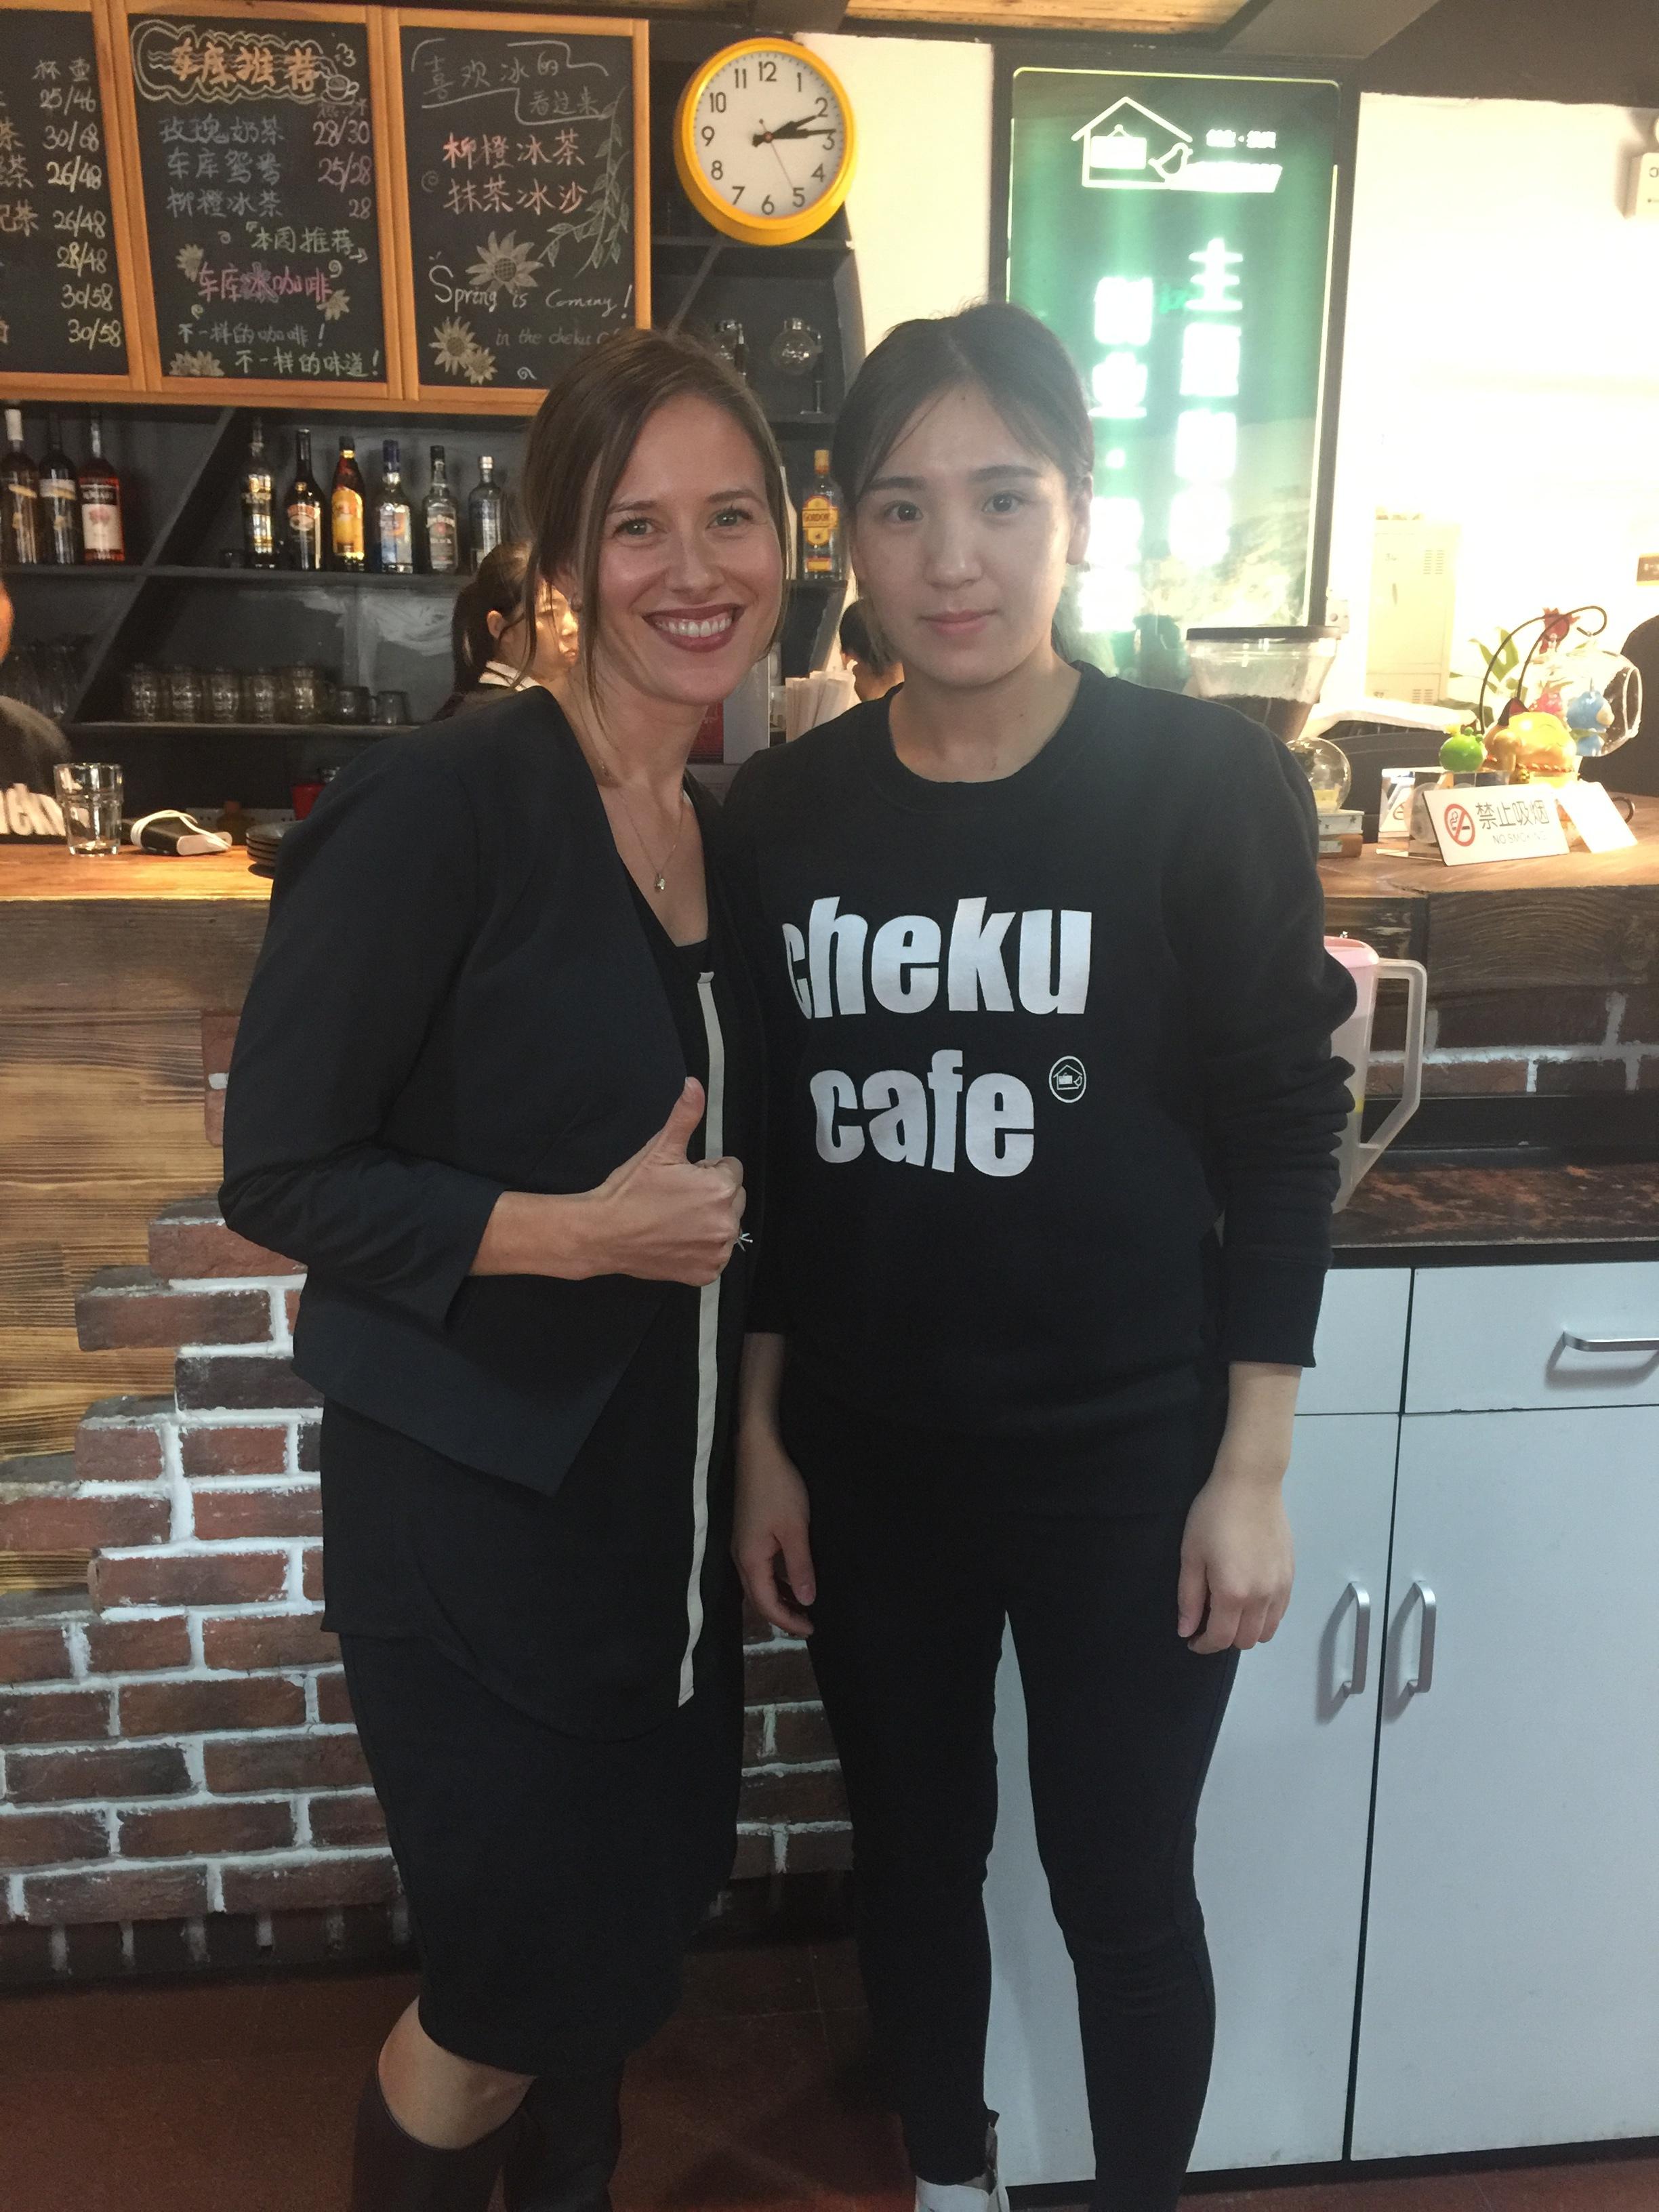 Cheku aka Garage Cafe